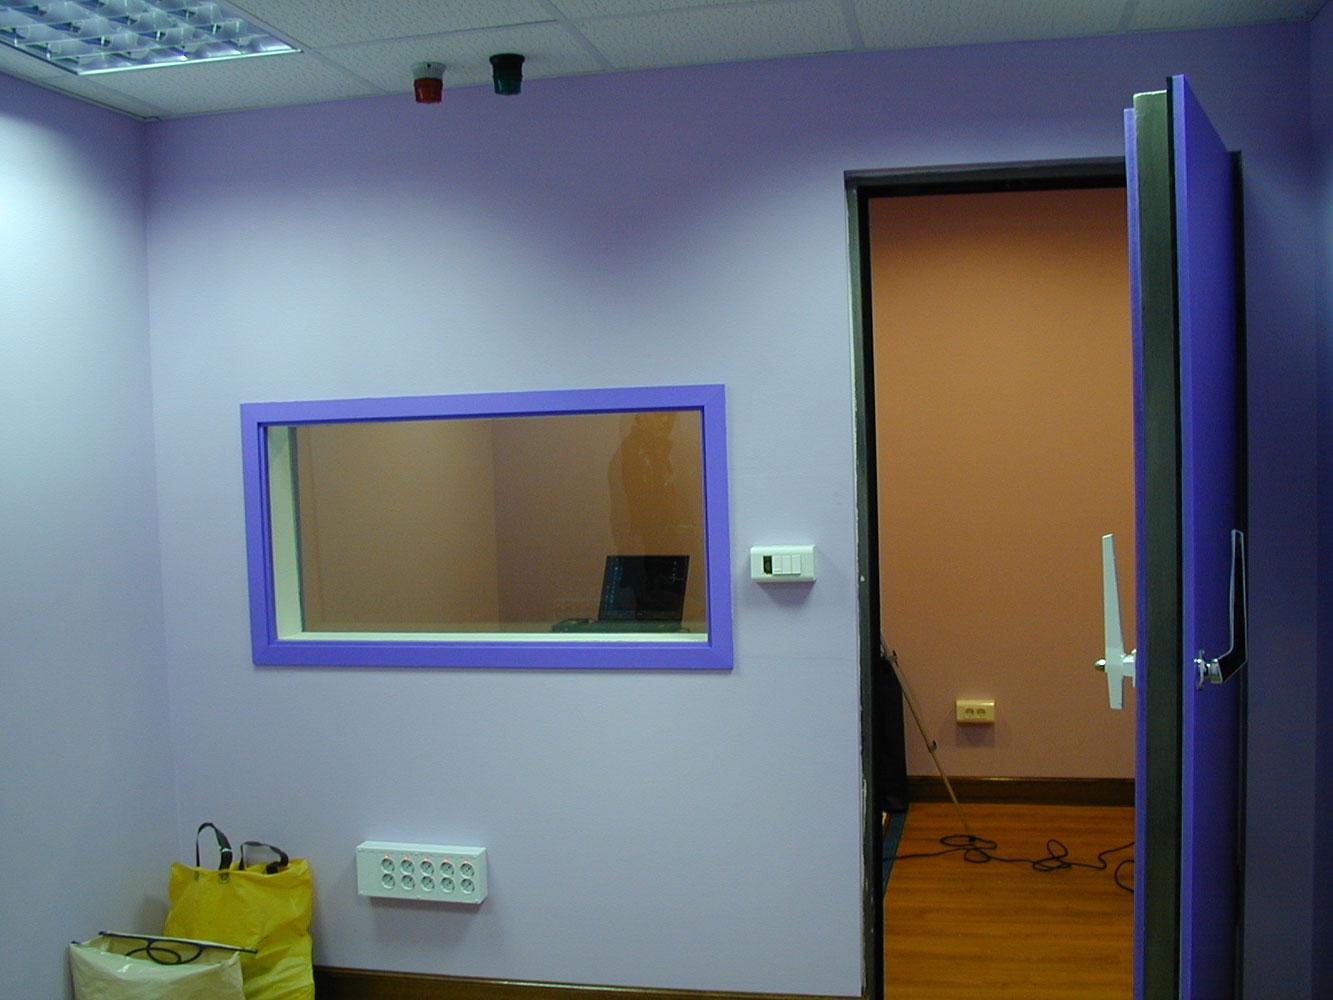 Insonorizaciones amortiguadores ac sticos insonorizaci n - Insonorizacion de paredes ...